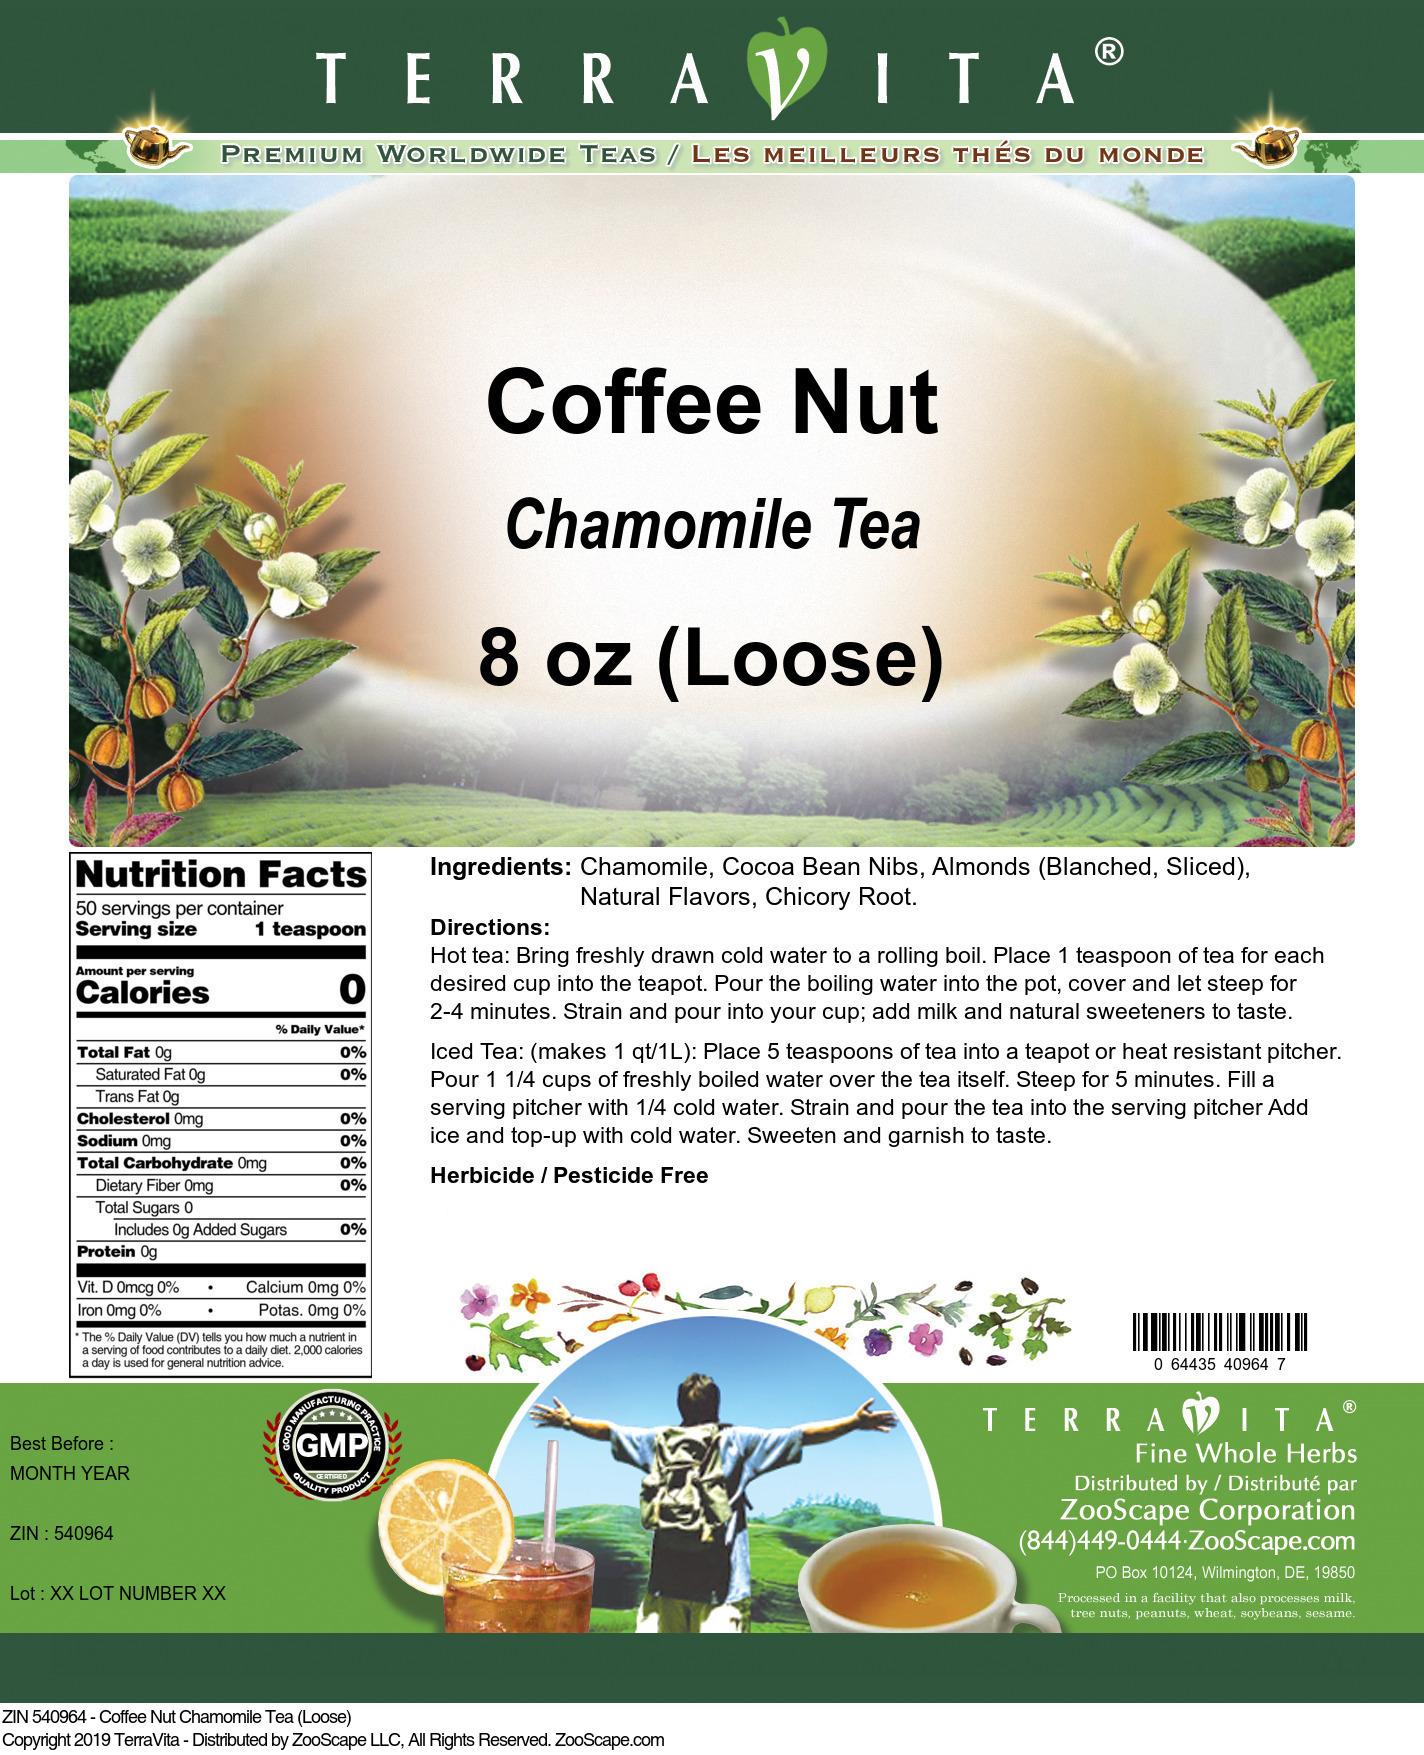 Coffee Nut Chamomile Tea (Loose)